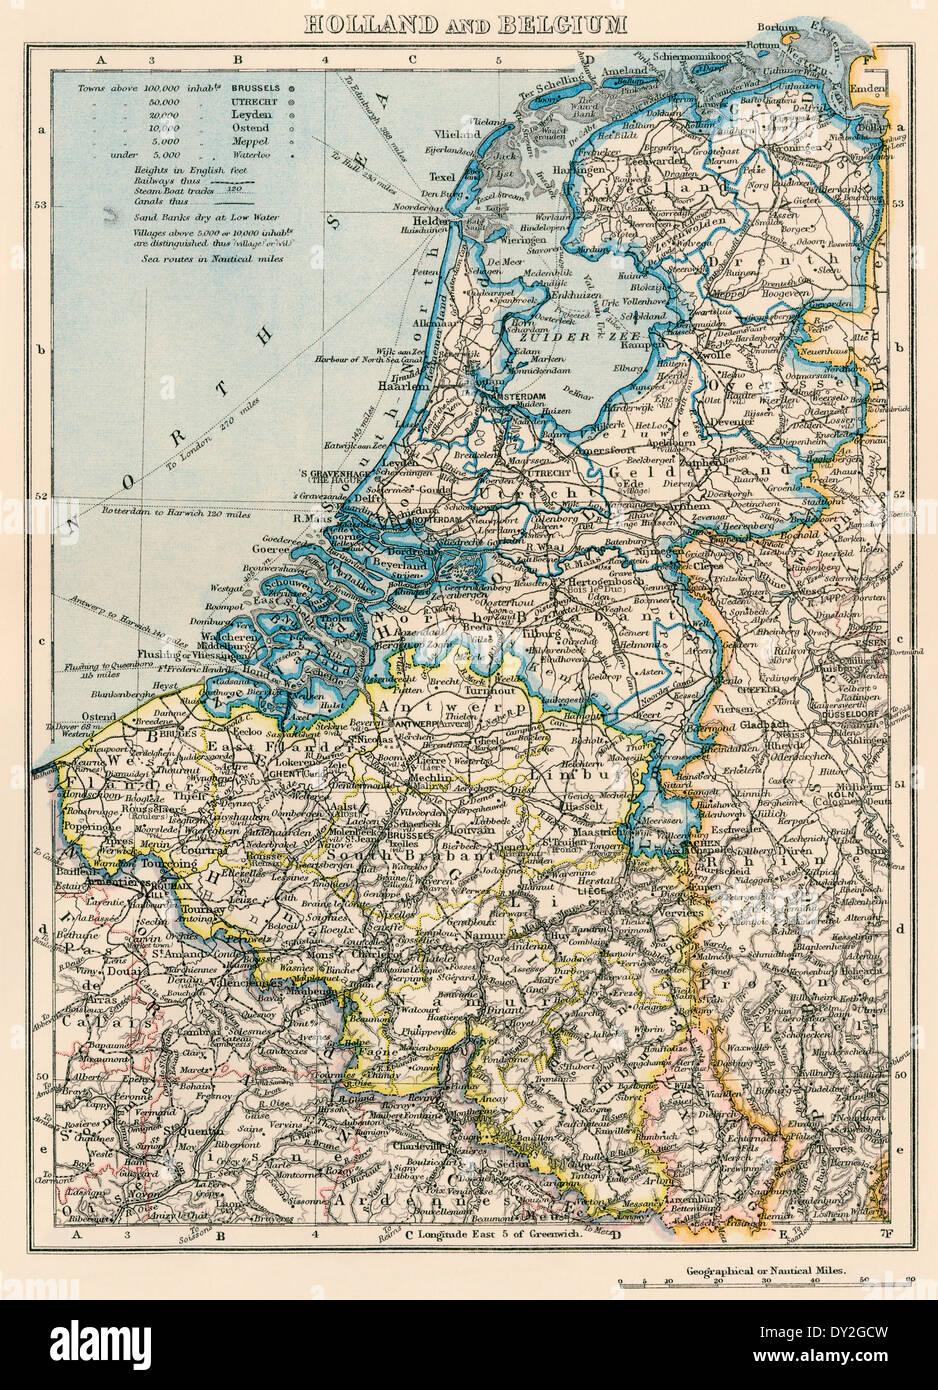 Landkarte von den Niederlanden und Belgien, der 1870er Jahre. Stockbild